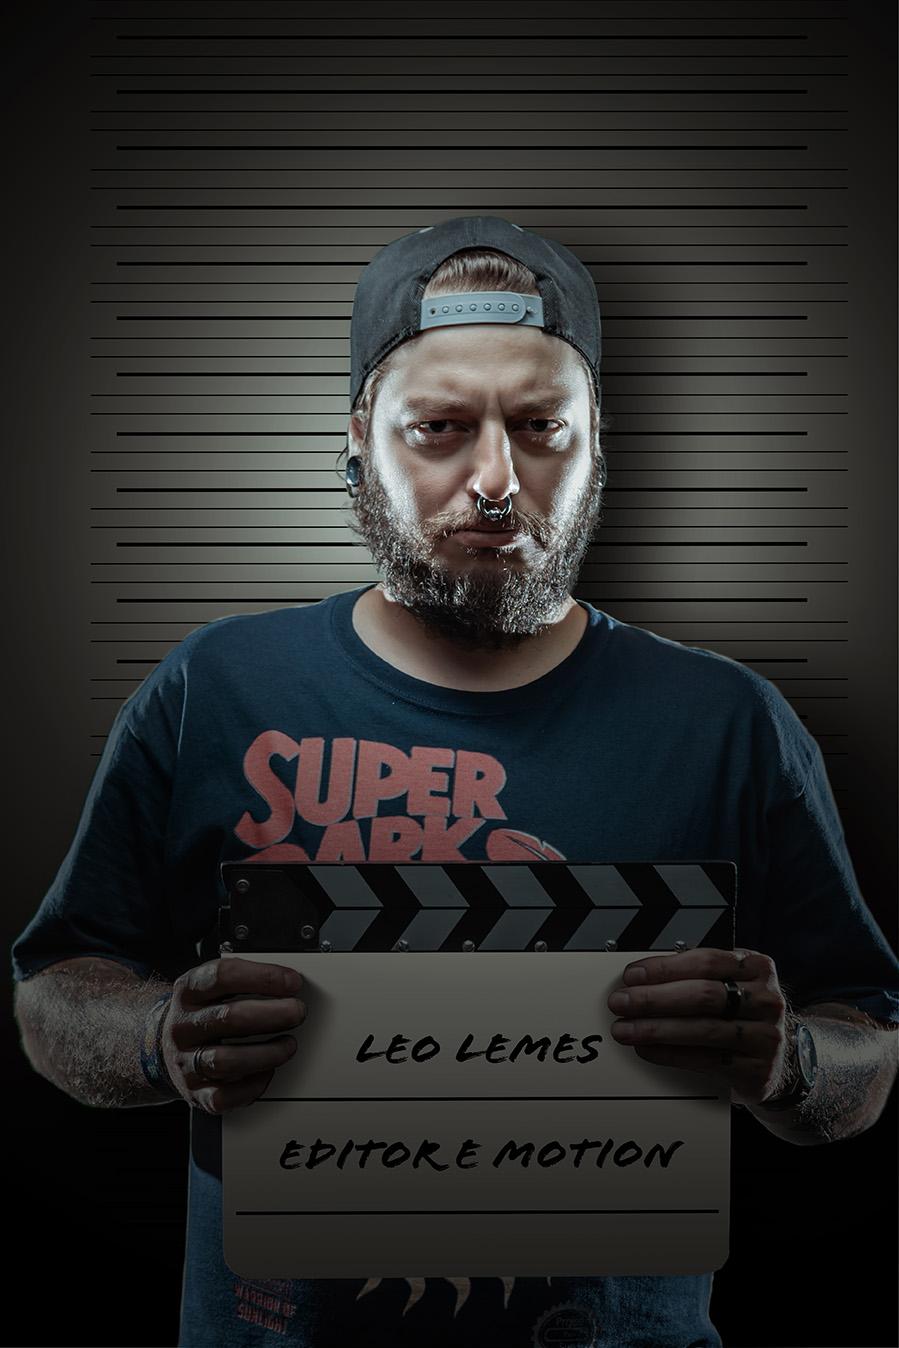 Leo Lemes - Editor e Motion